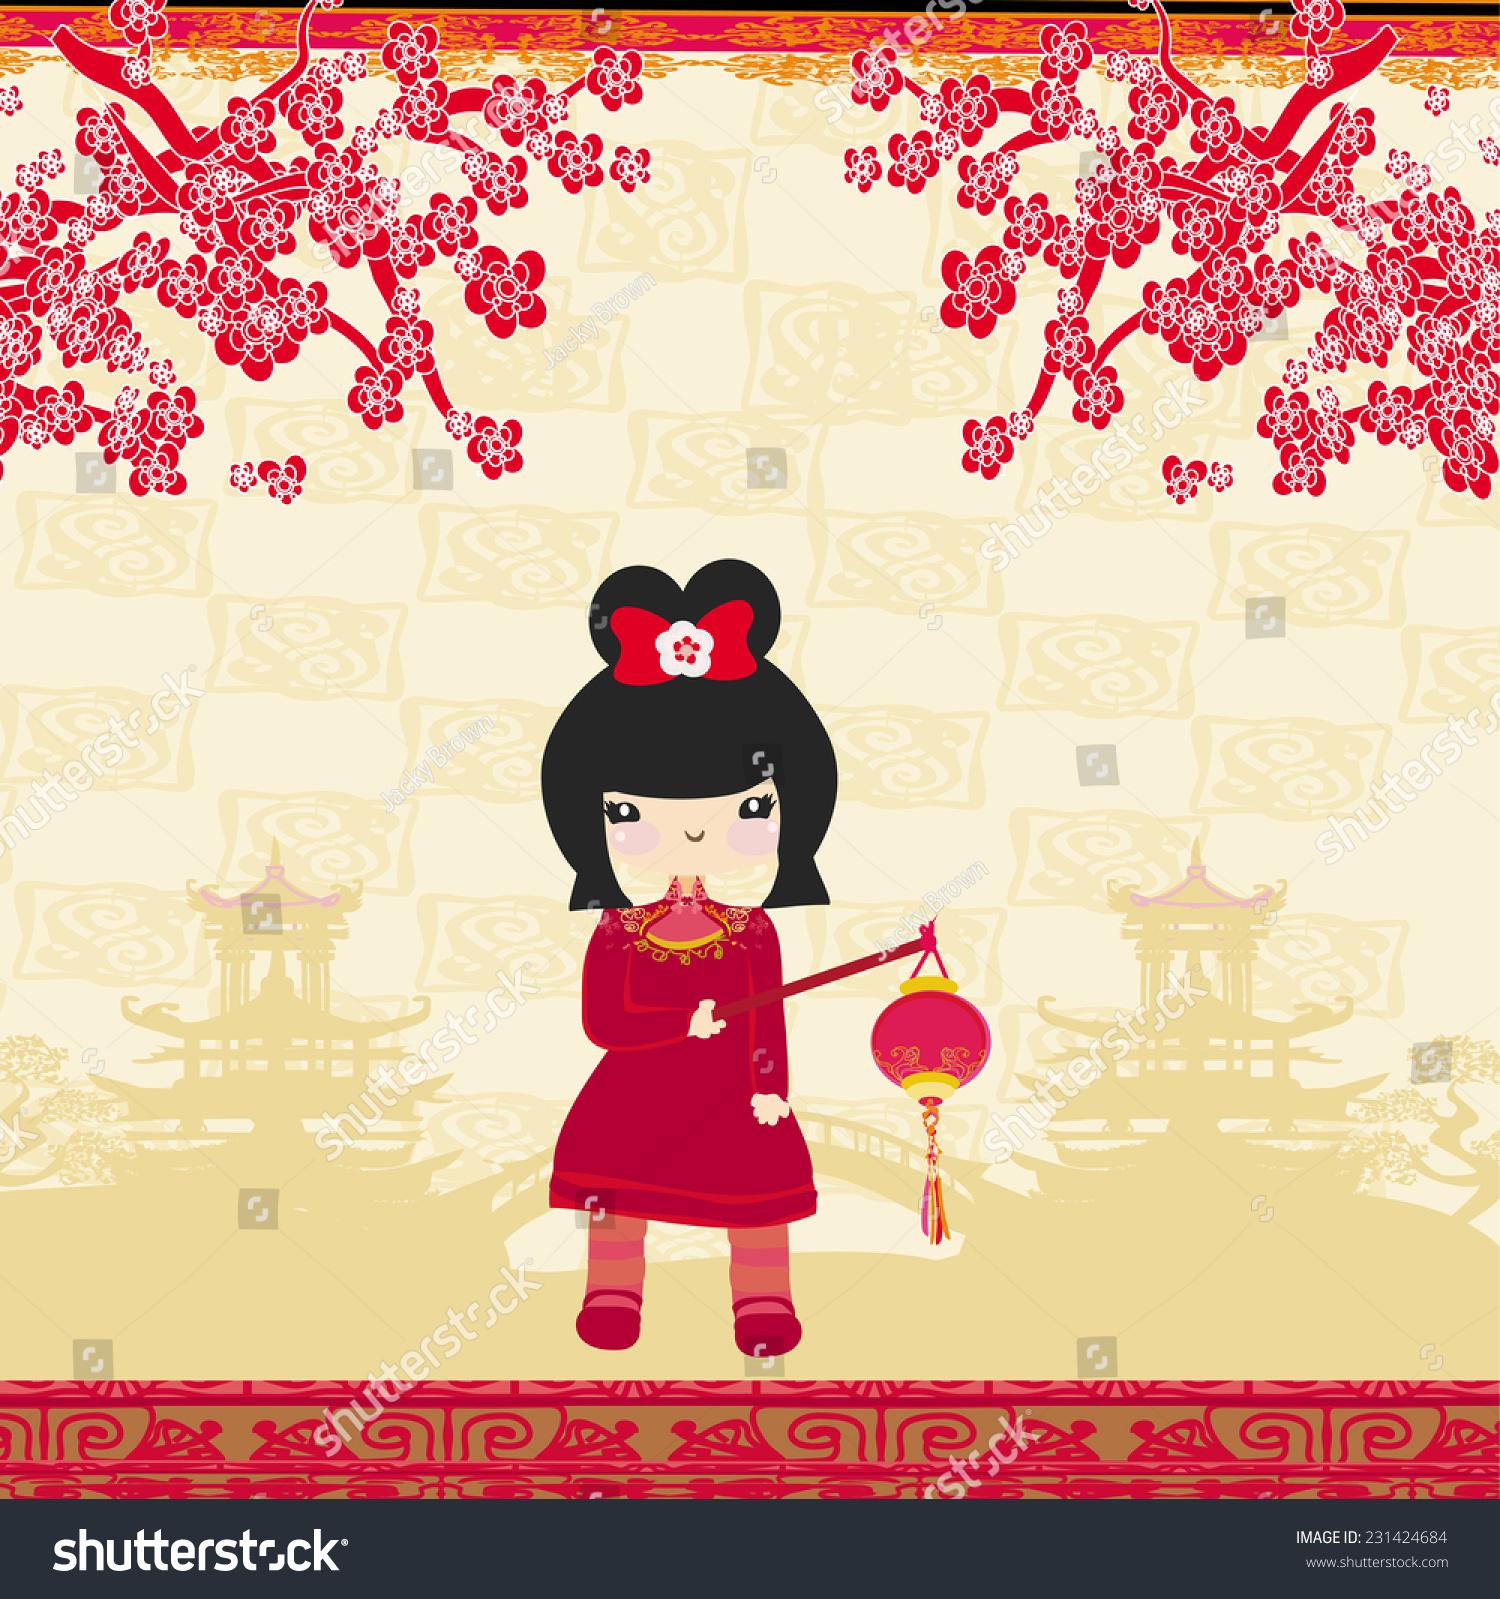 中秋节在中国新年-建筑物/地标,人物-海洛创意()-中国图片